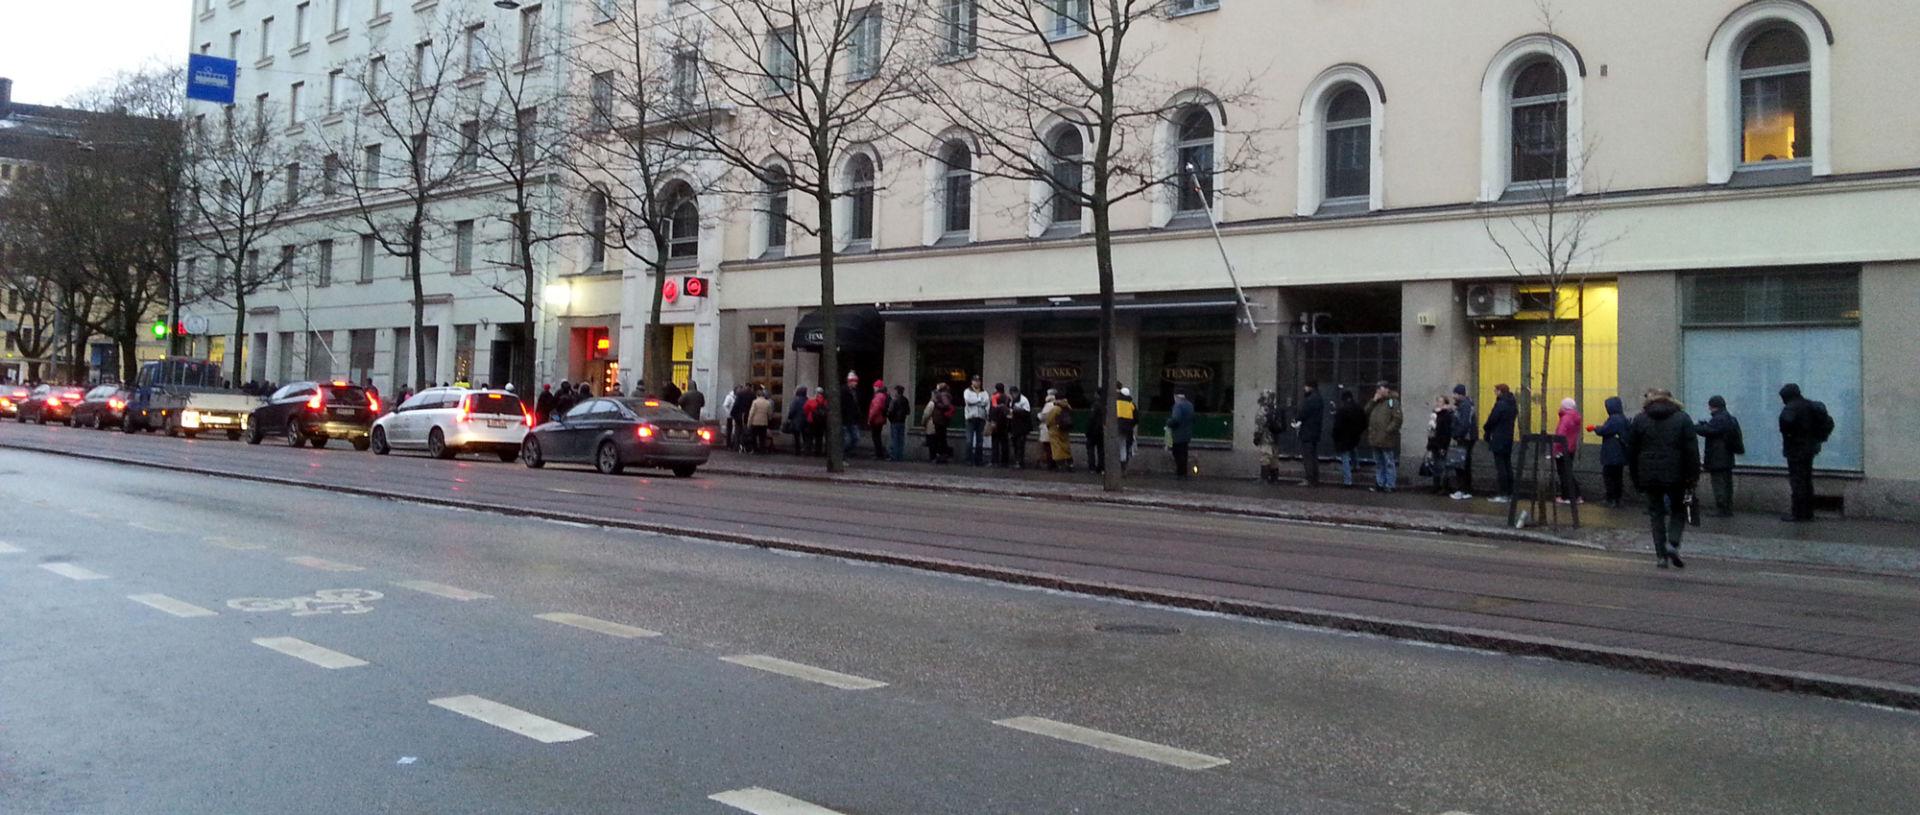 Ihmisiä ruokajonossa Helsinginkadulla.